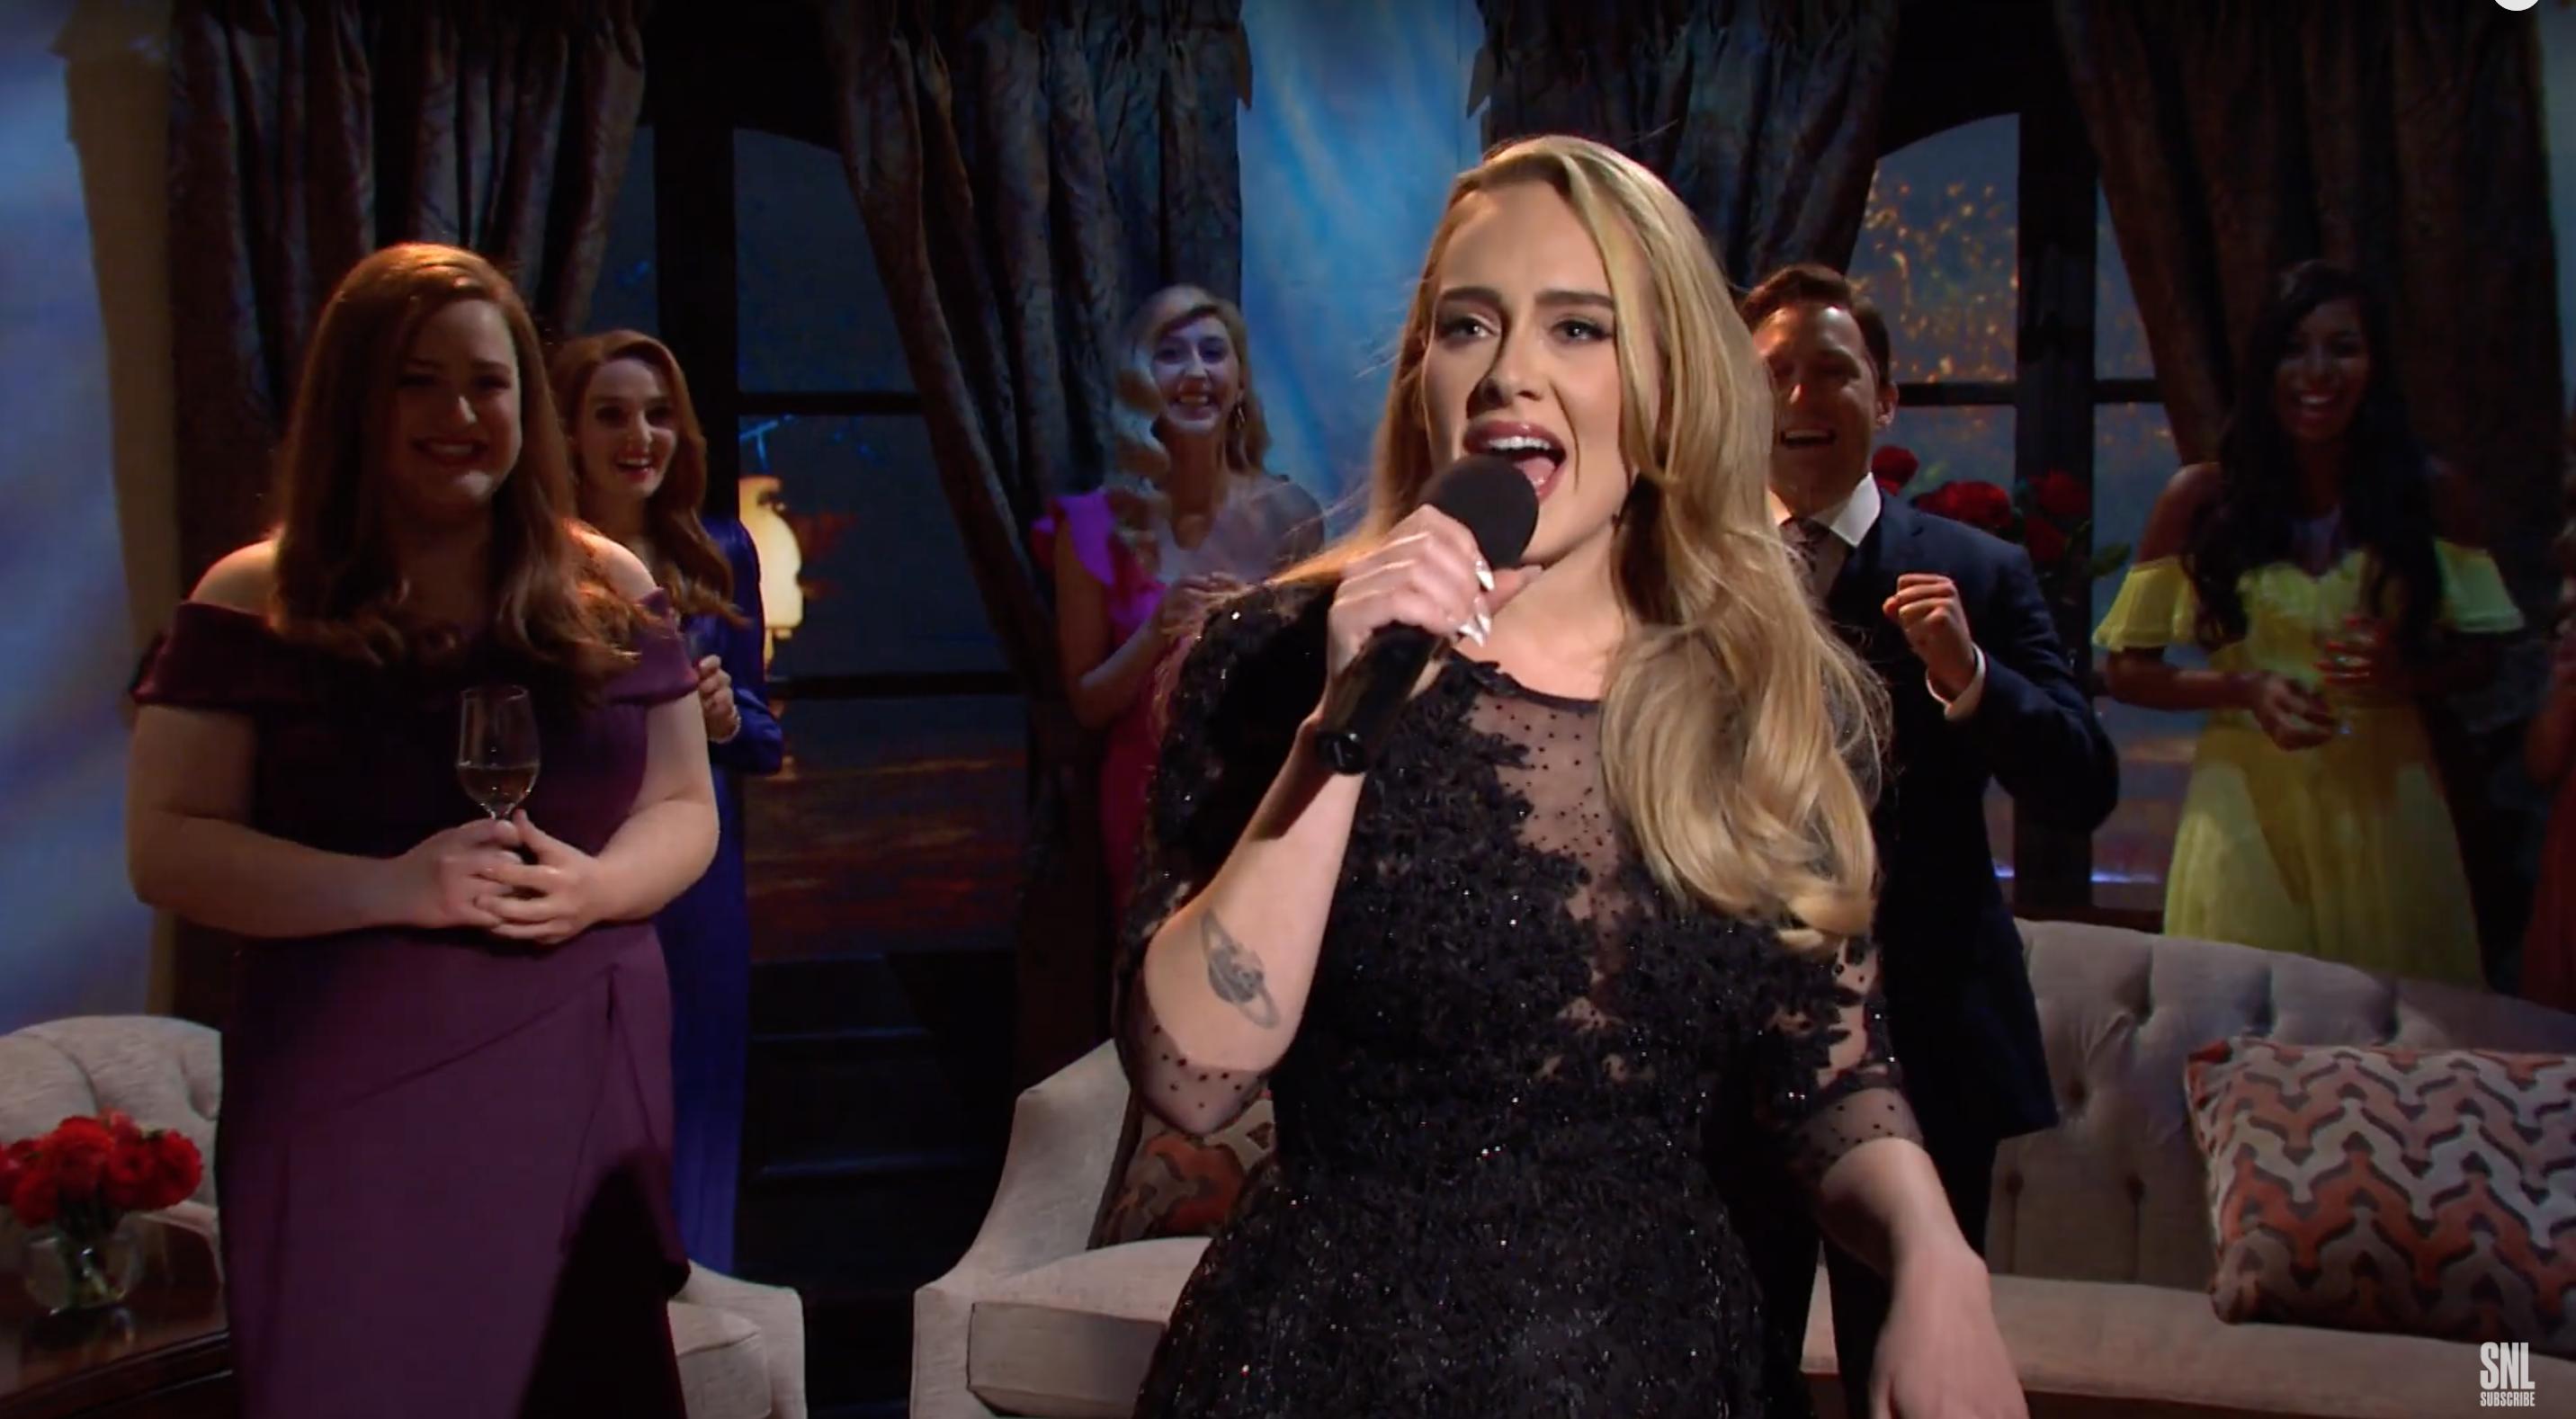 Adele hosting SNL